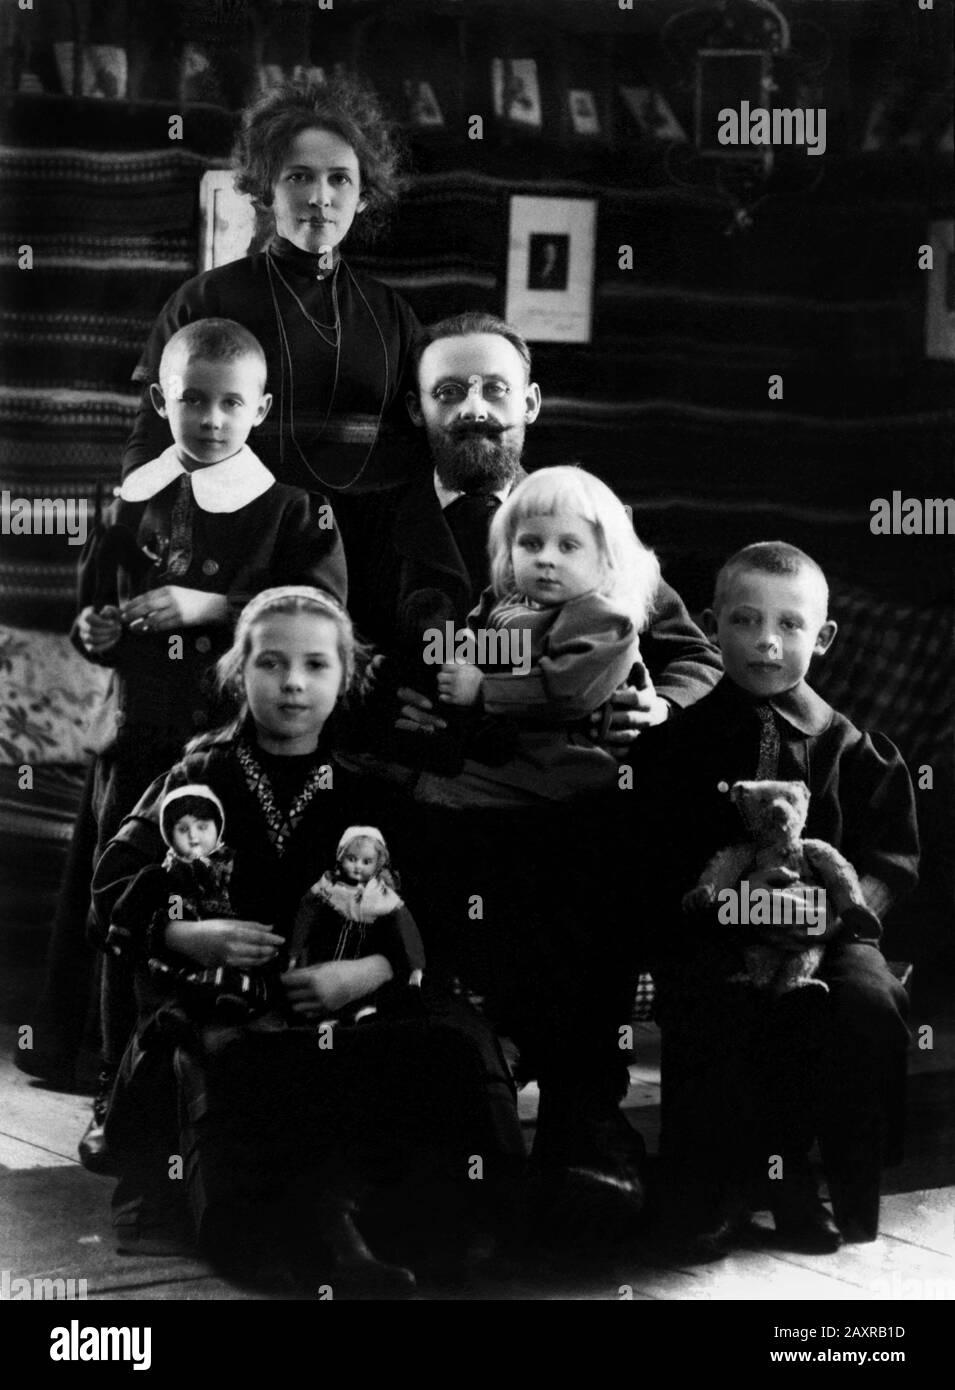 1900 Ca, Storgarden, Brunnsvik am Vasmansee, LUDVIKA, SCHWEDEN: Der schwedische Schriftsteller und sozialdemokratische Politikerarzt KARL-ERIK FORSSLund (* 1872; † 1941) mit Frau FEJAN zu Hause mit den vier Söhnen Marjo, JORAN, KARL-HERMAN und MAJA. - LETTERATO - SCRITTORE - LETTERATURA - Literatur - occhiali da vista - Linse - Foto gruppo di FAMIGLIA - FAMILIE - Bart - Barba - SVEZIA - Spielzeug - Giocattolo - Giocattoli - Teddybär - Oransachiotto - figli - figlio - figlia - Tochter - Sohn - fratelli - Brüder - Moglie - Mamma - Mutter - NATALE - WEIHNACHTSZEIT - festa natalizia - XMAS - bambol Stockfoto